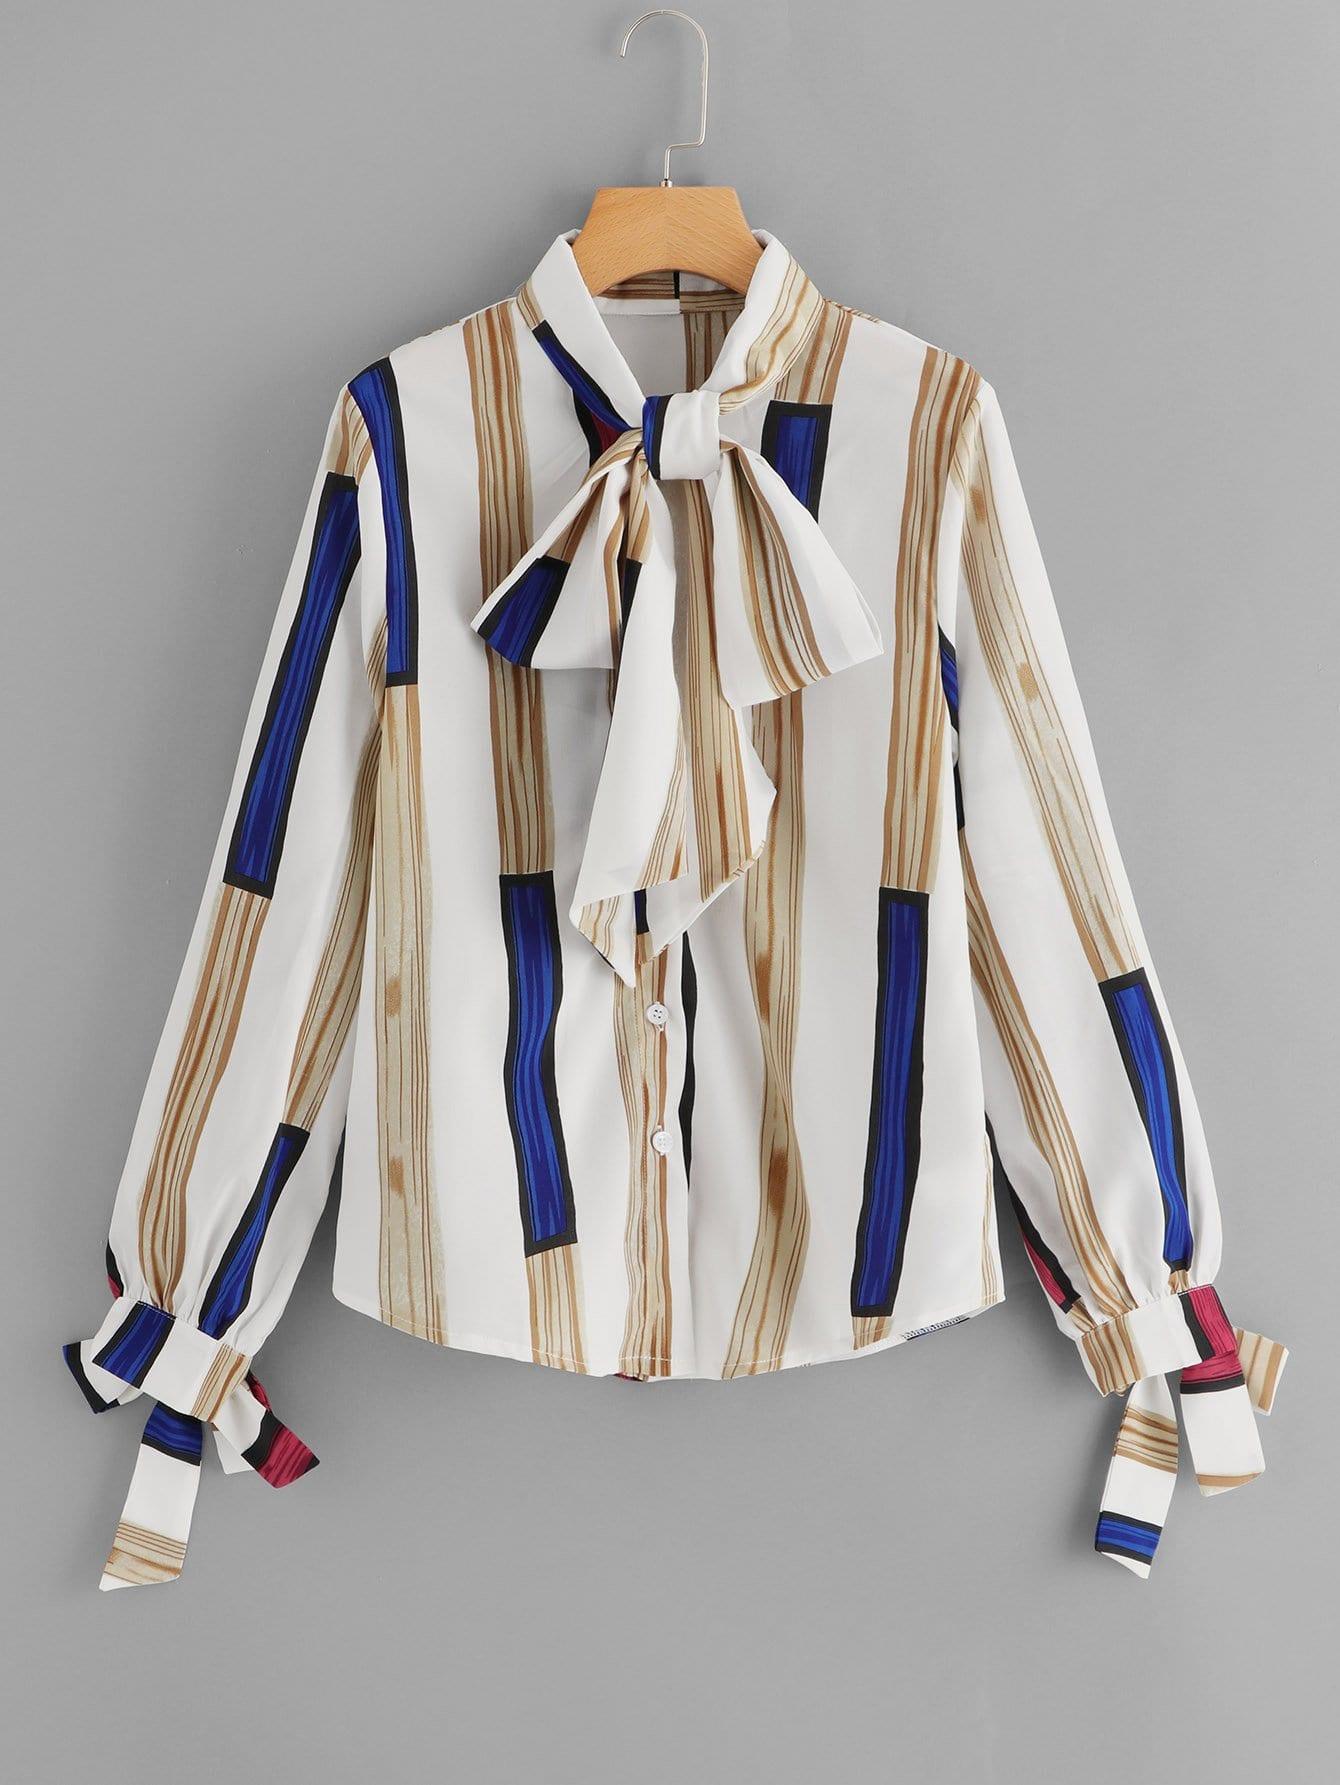 Bluse mit Streifen, Band auf dem Ausschnitt und Knoten auf den Ärmeln